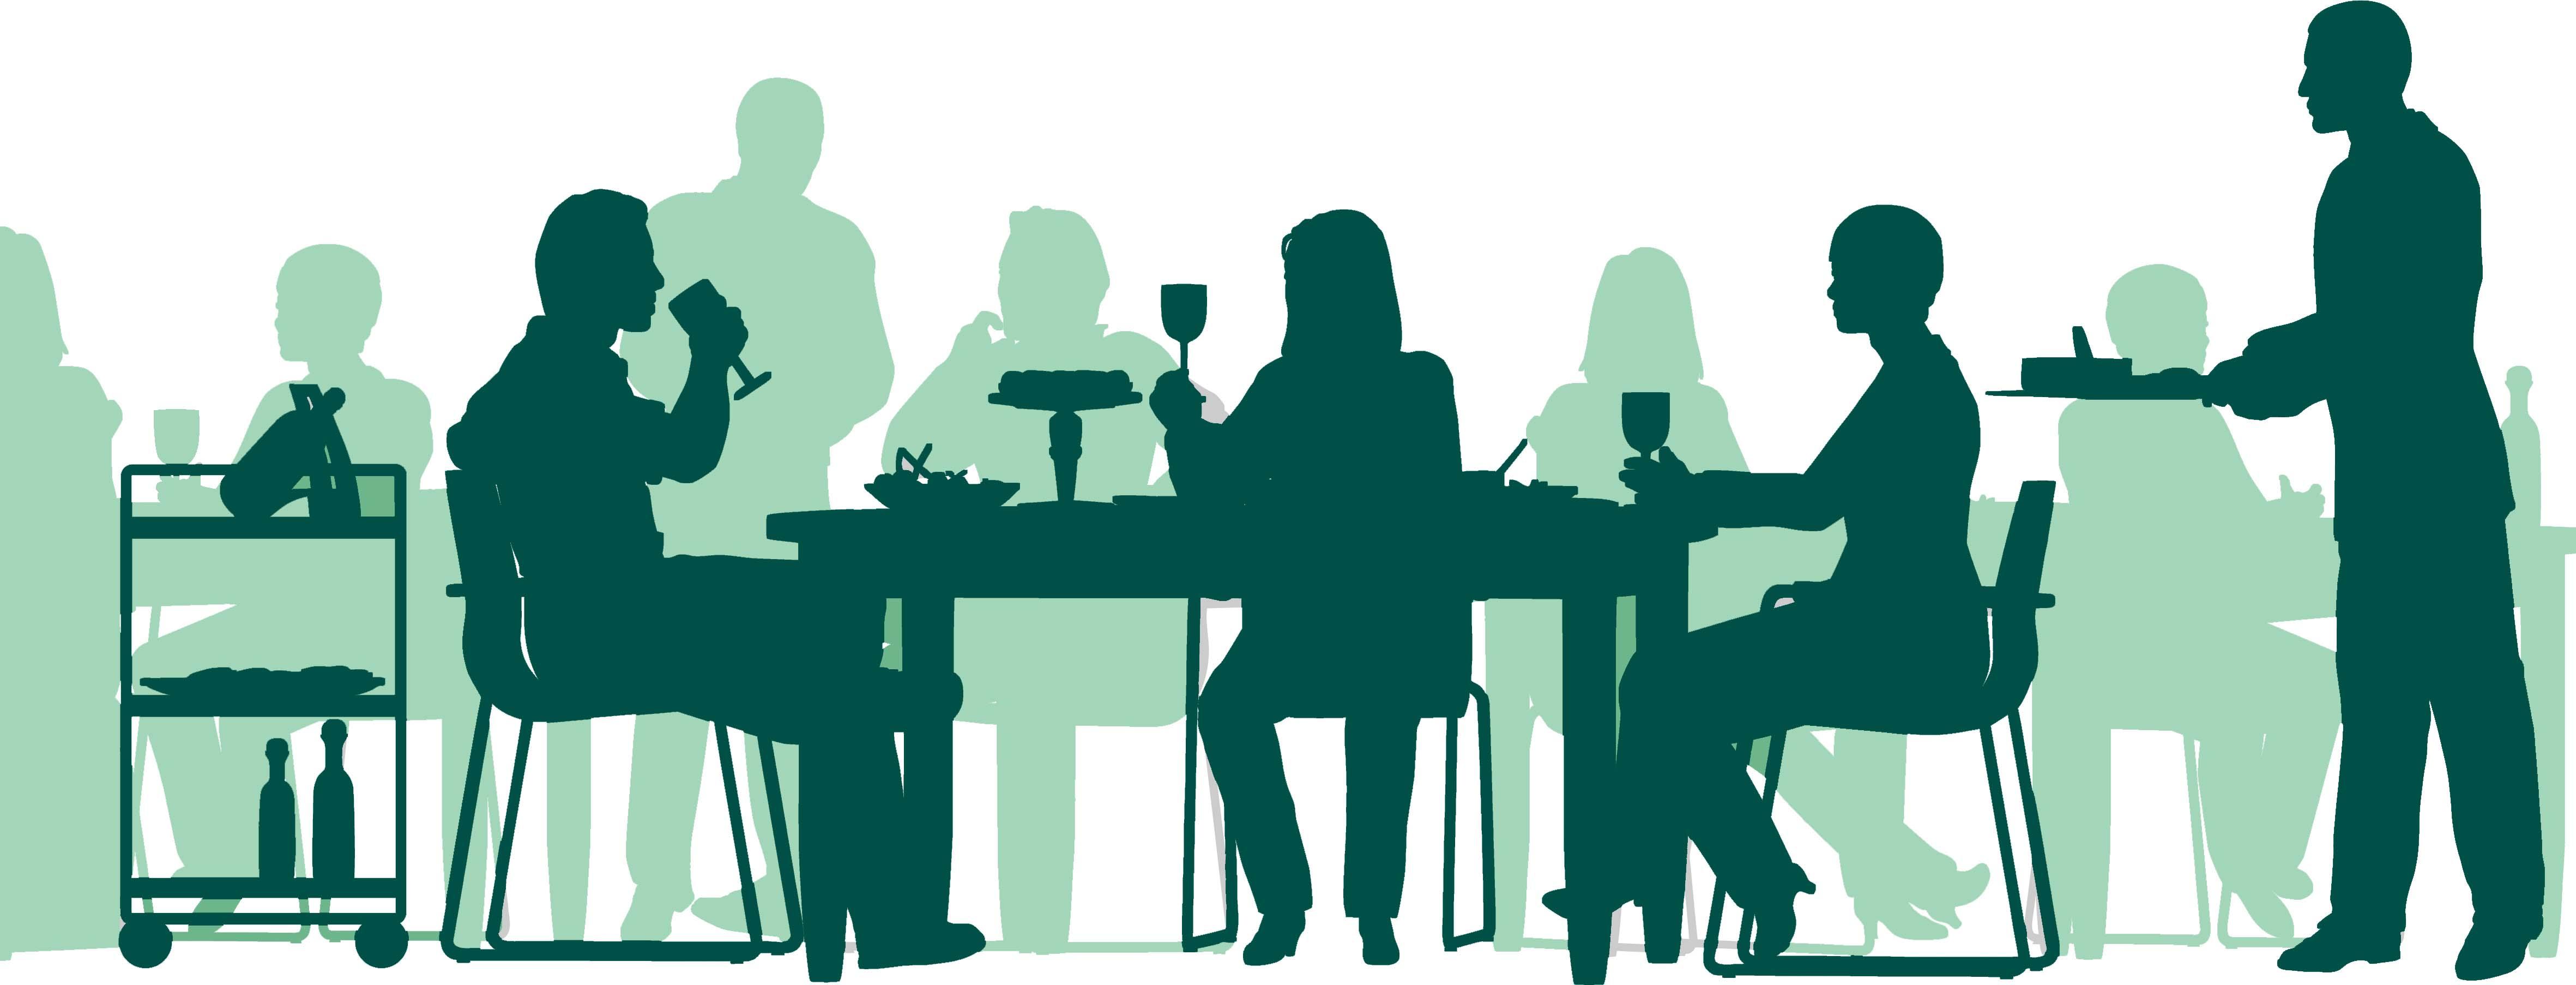 Business meeting clip art. Clipart restaurant team dinner